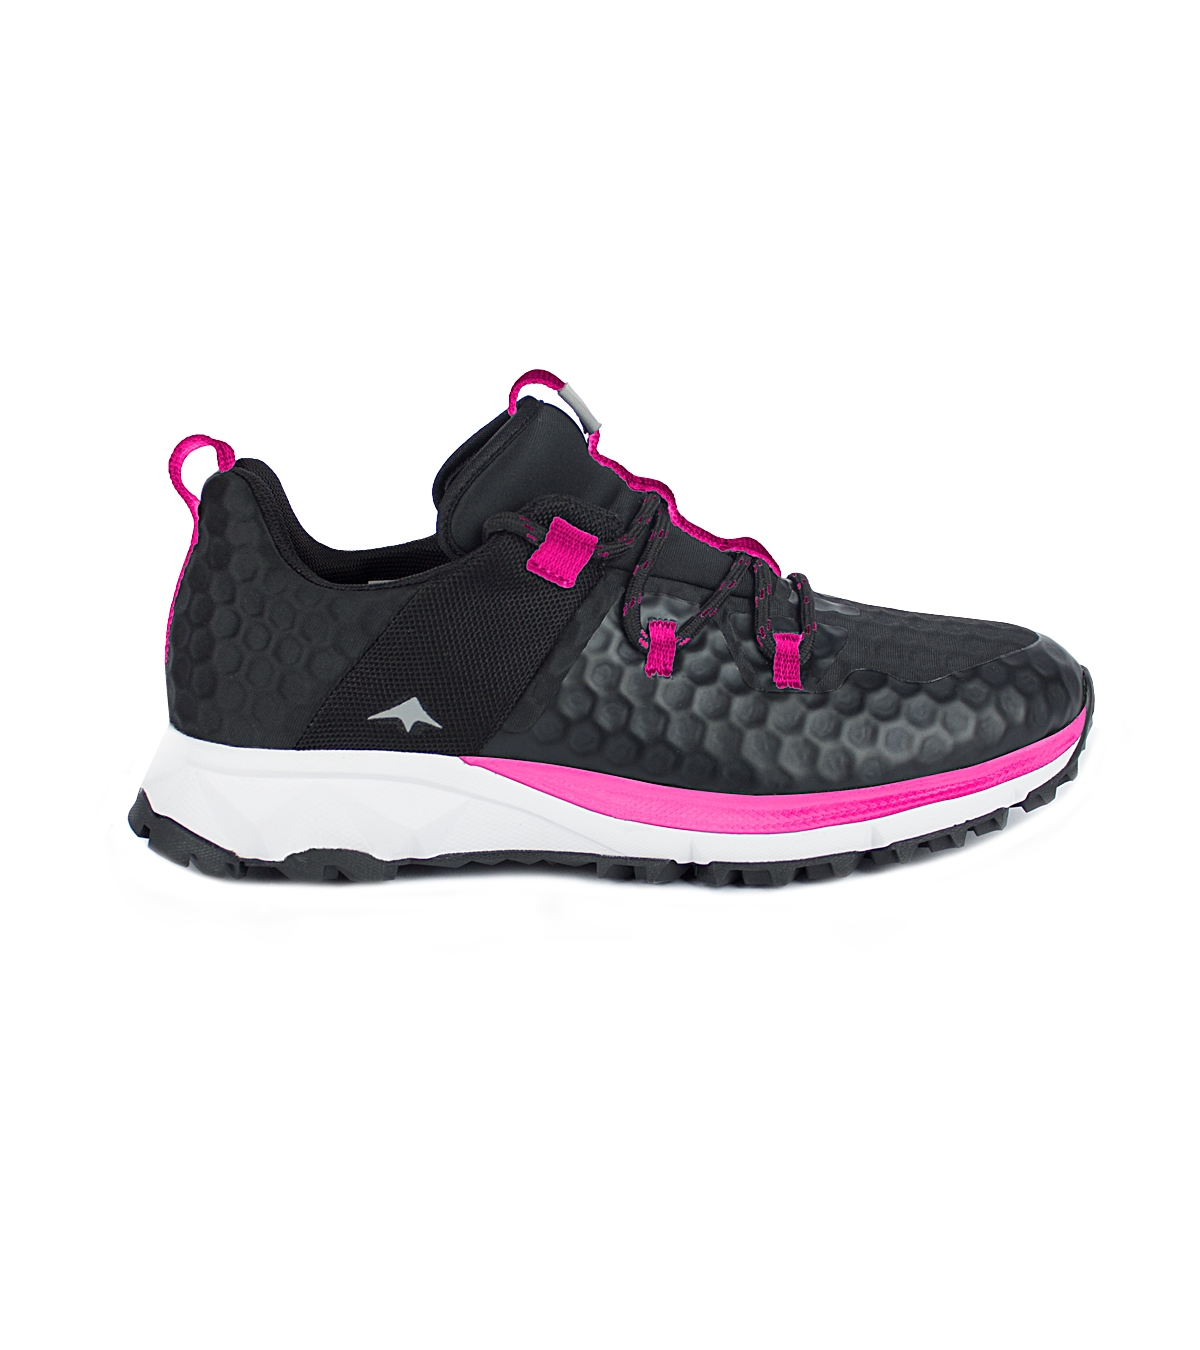 Zapatillas de mujer Fast Traction